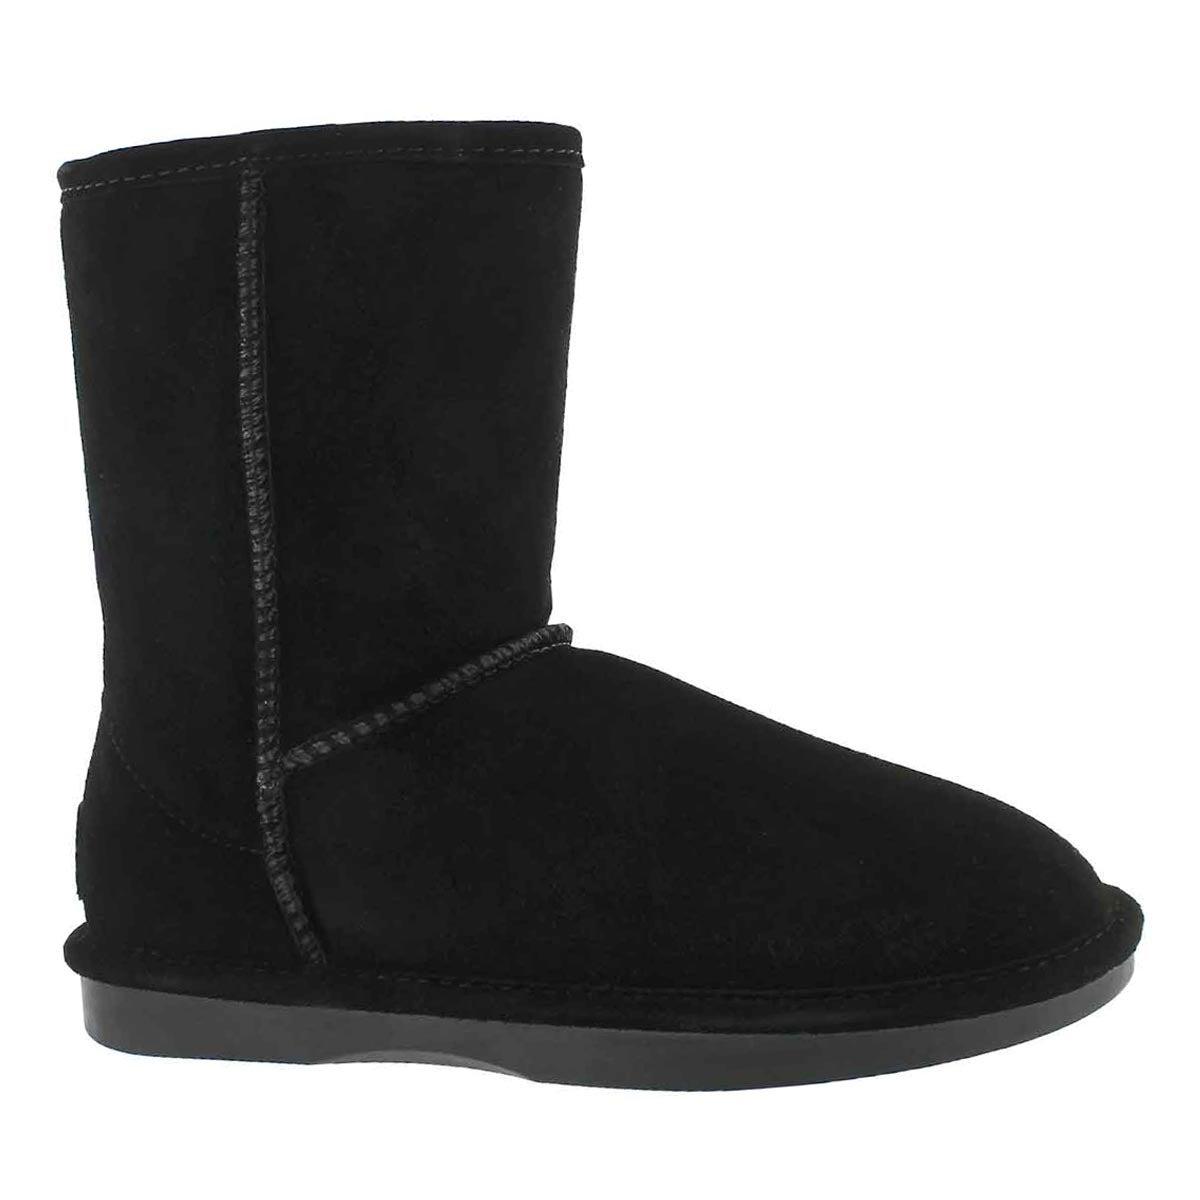 Women's SMOCS 5  ZIP black suede boots